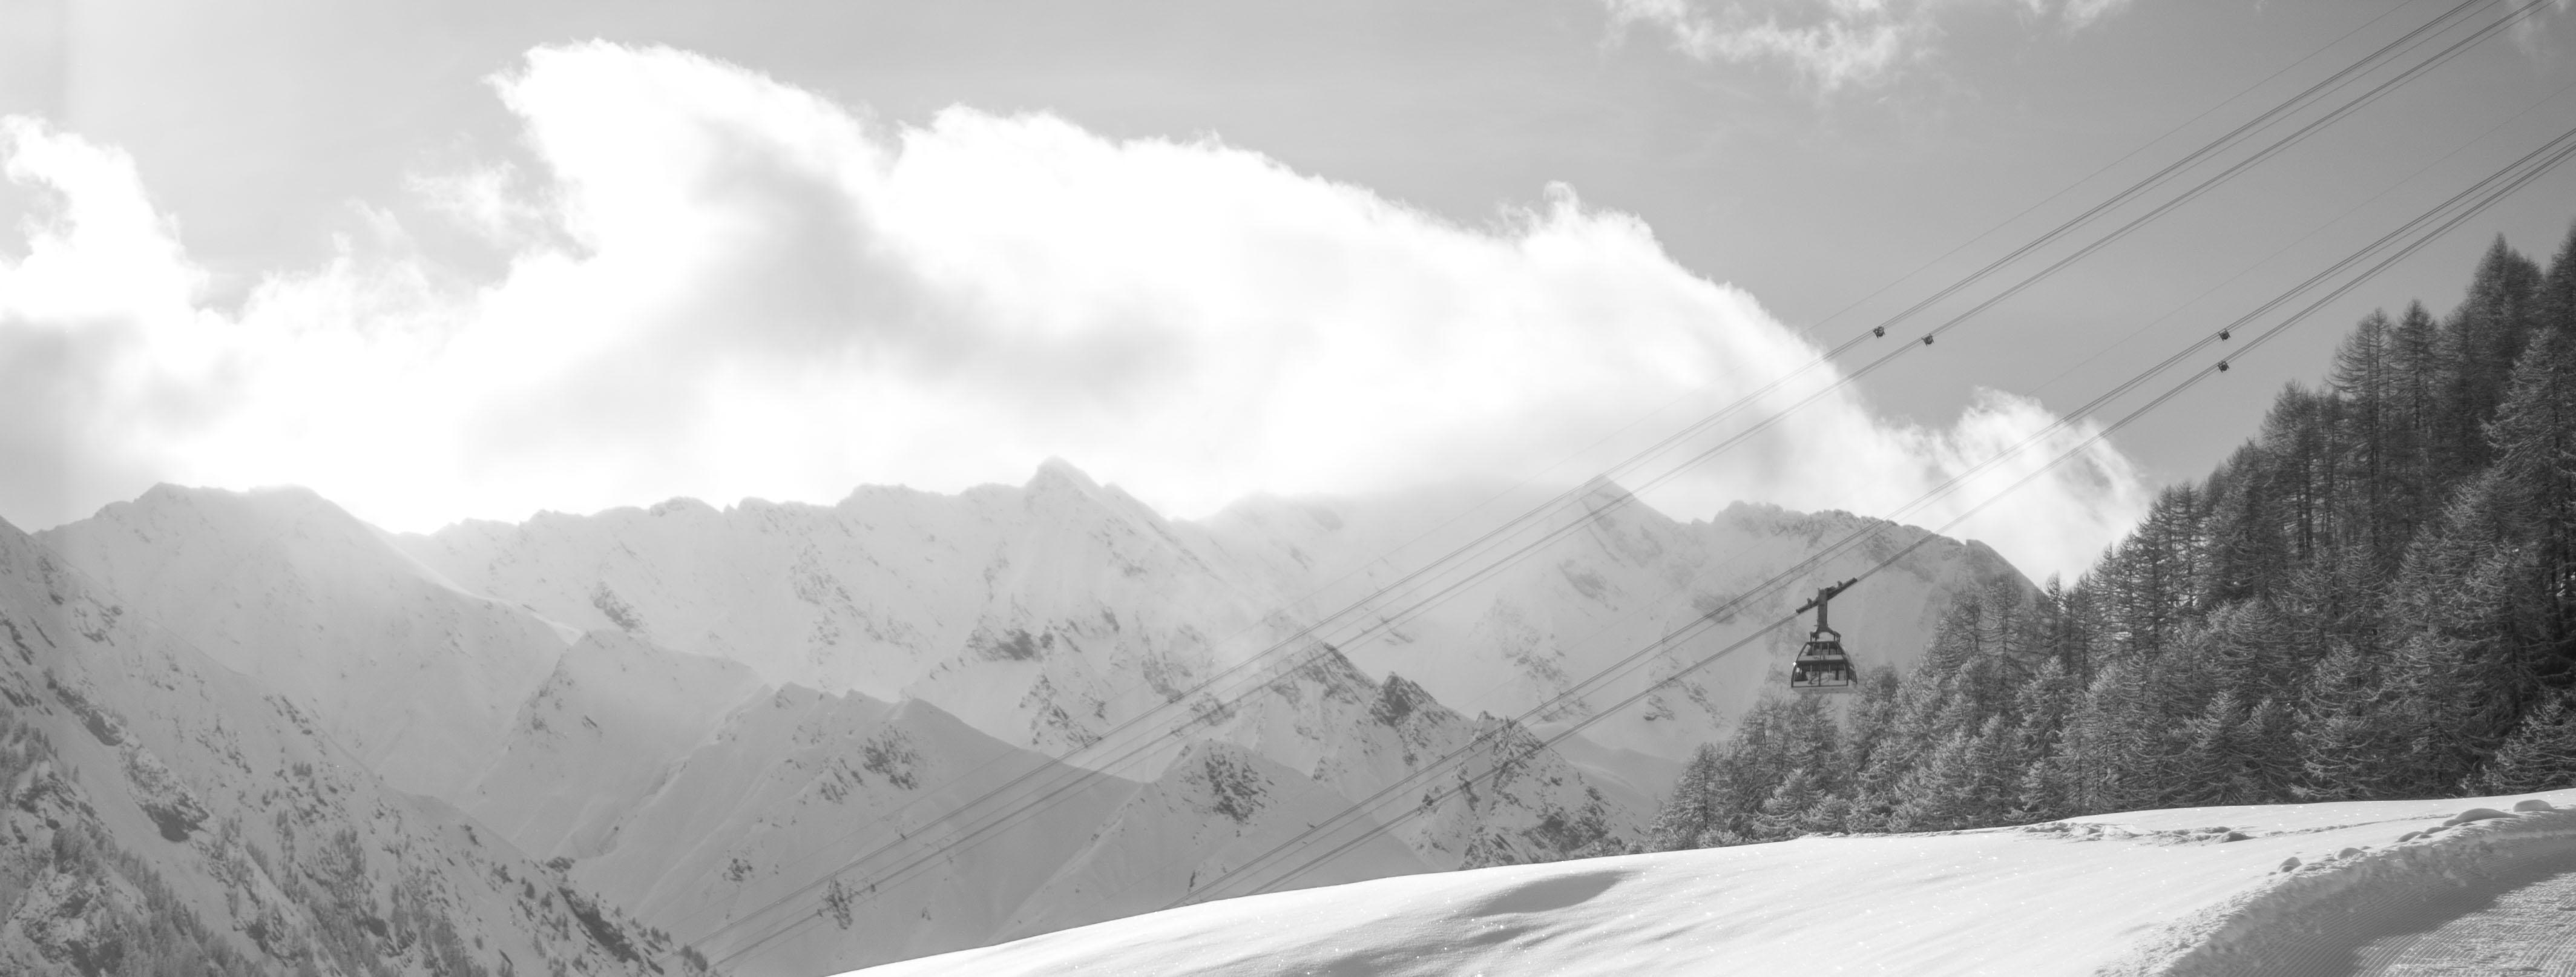 Skiferien Samnaun-Ischgl Schweiz